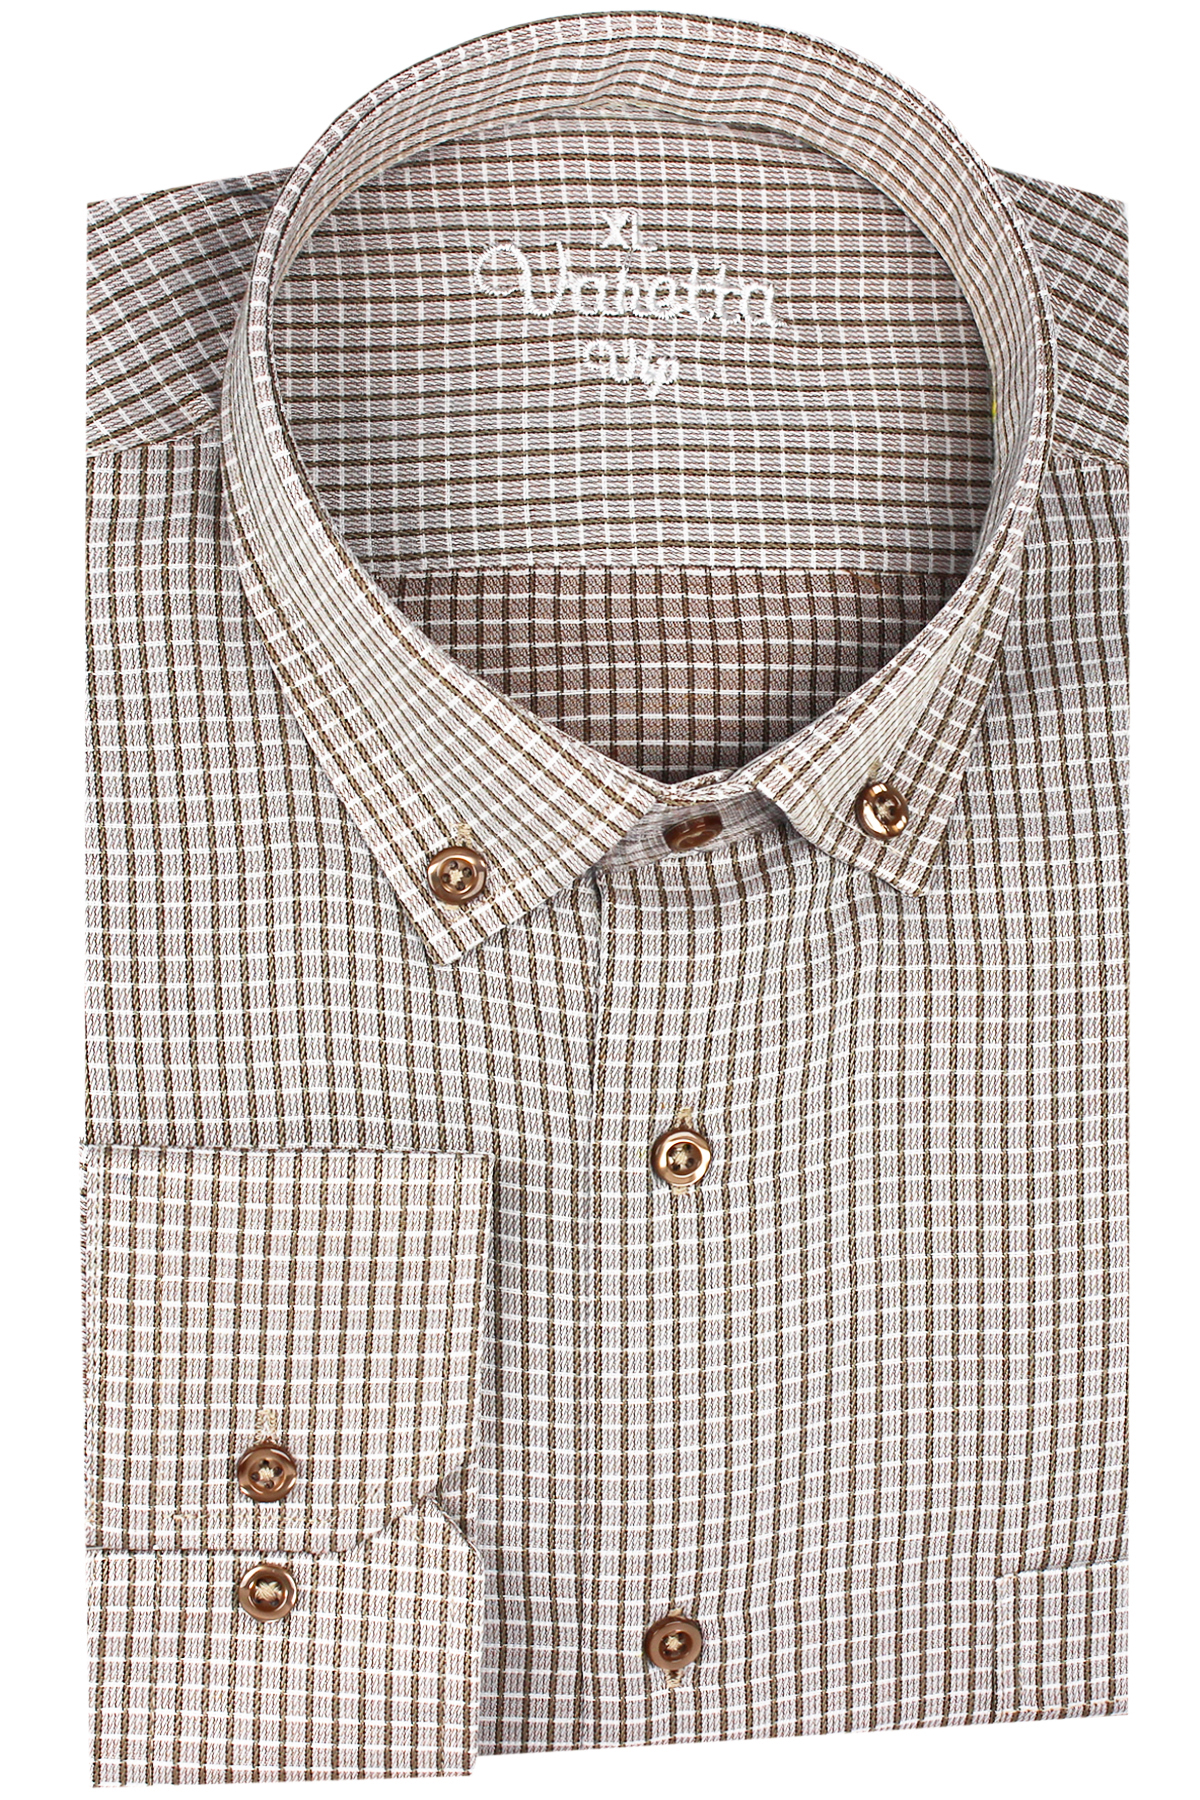 メンズチェック柄オックスフォードボタンダウンシャツ単一のパッチポケットカジュアル厚いコントラスト標準フィット長袖 88 ギンガムシャツ